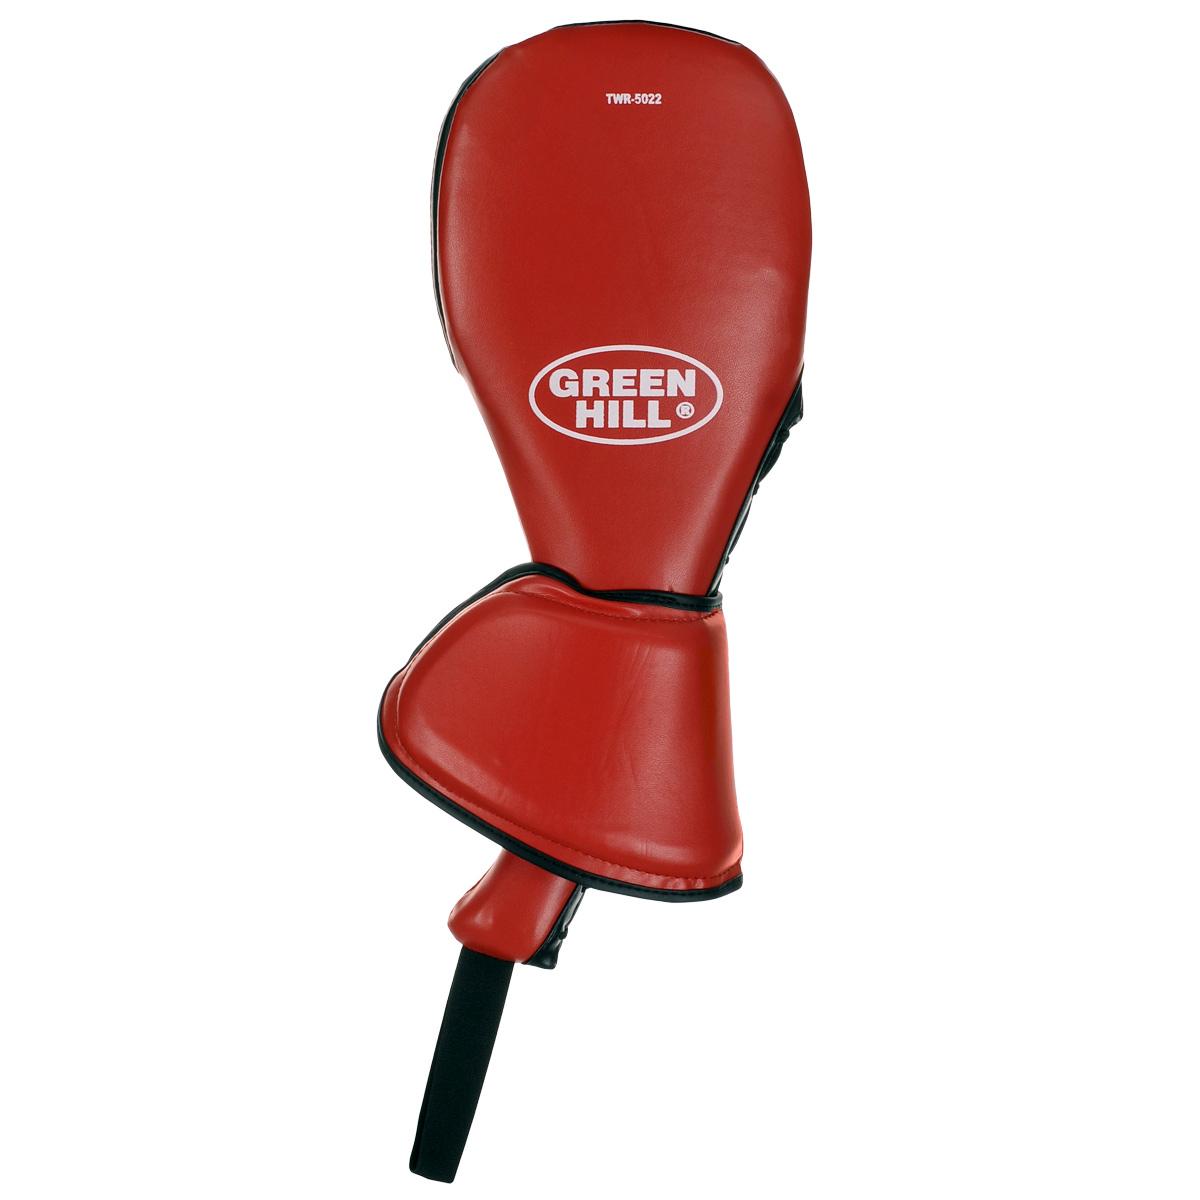 Ракетка для тхэквондо Green Hill, двойная, цвет: красный. TWR-5022